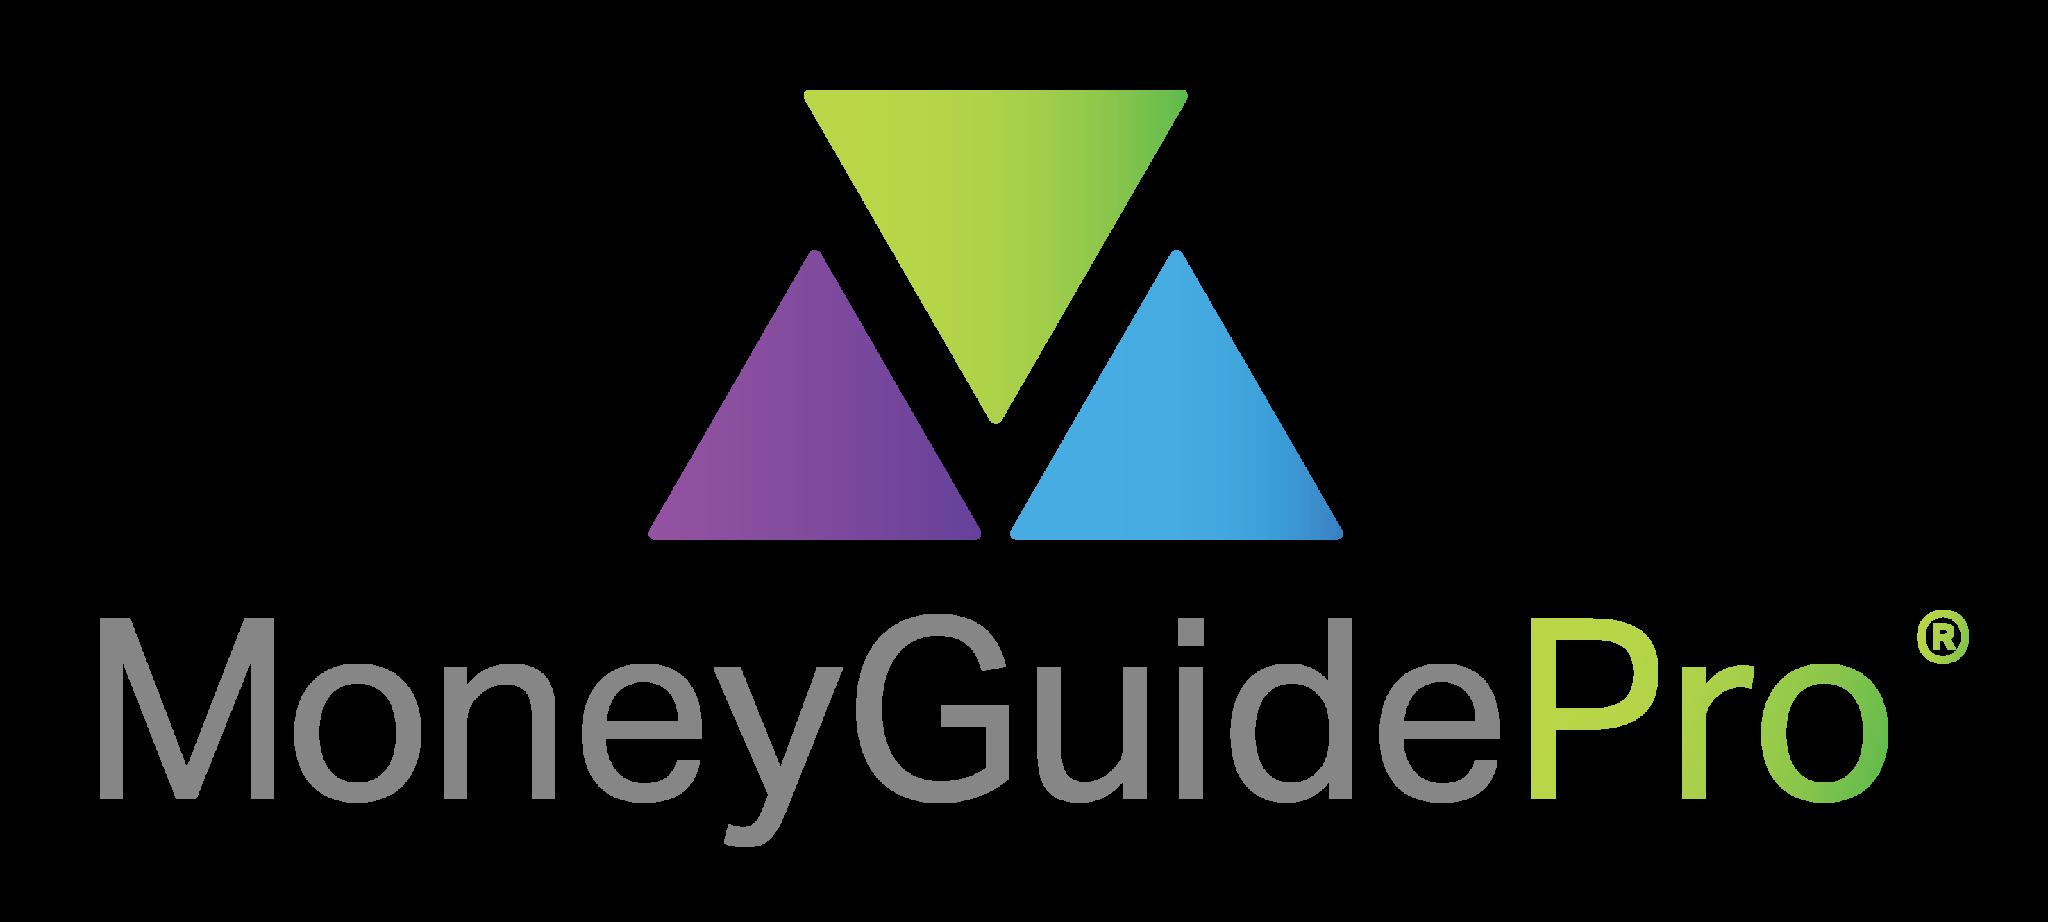 MoneyGuide Pro logo